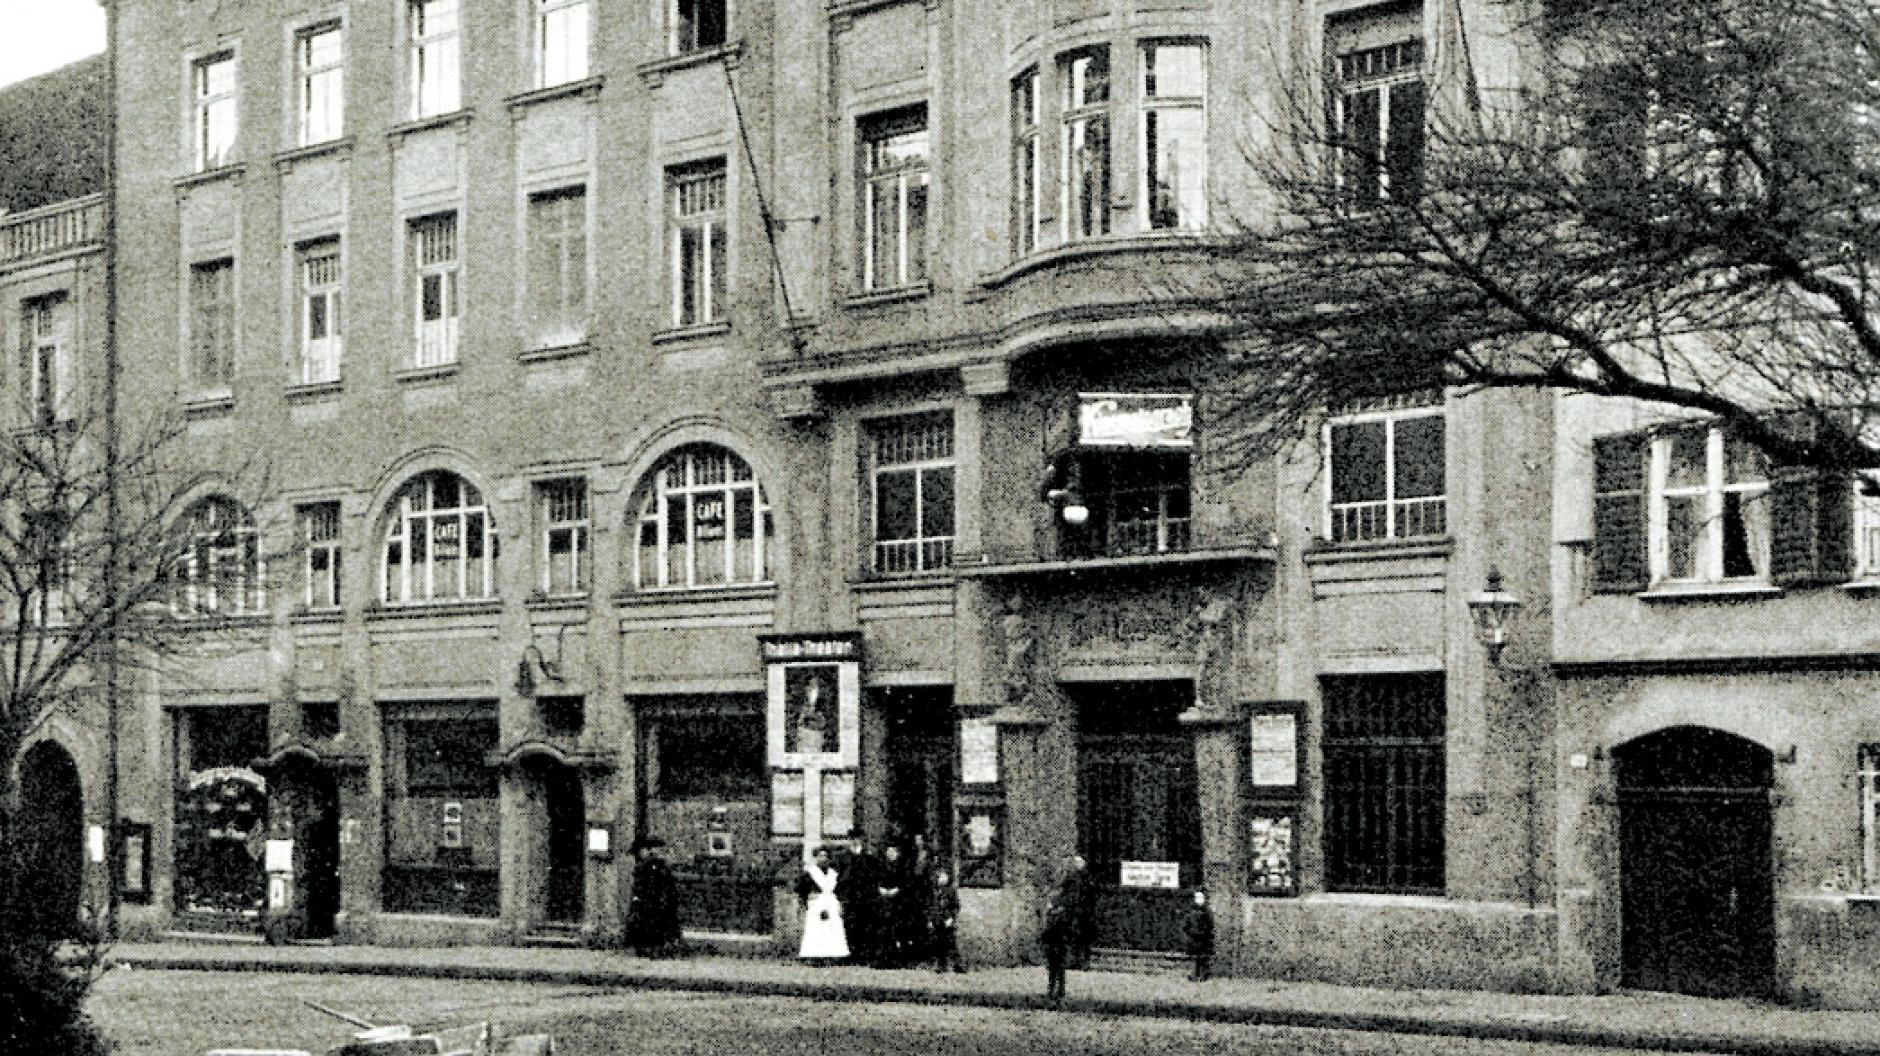 Das Thalia in Augsburg ist das zweitälteste Kino Deutschlands